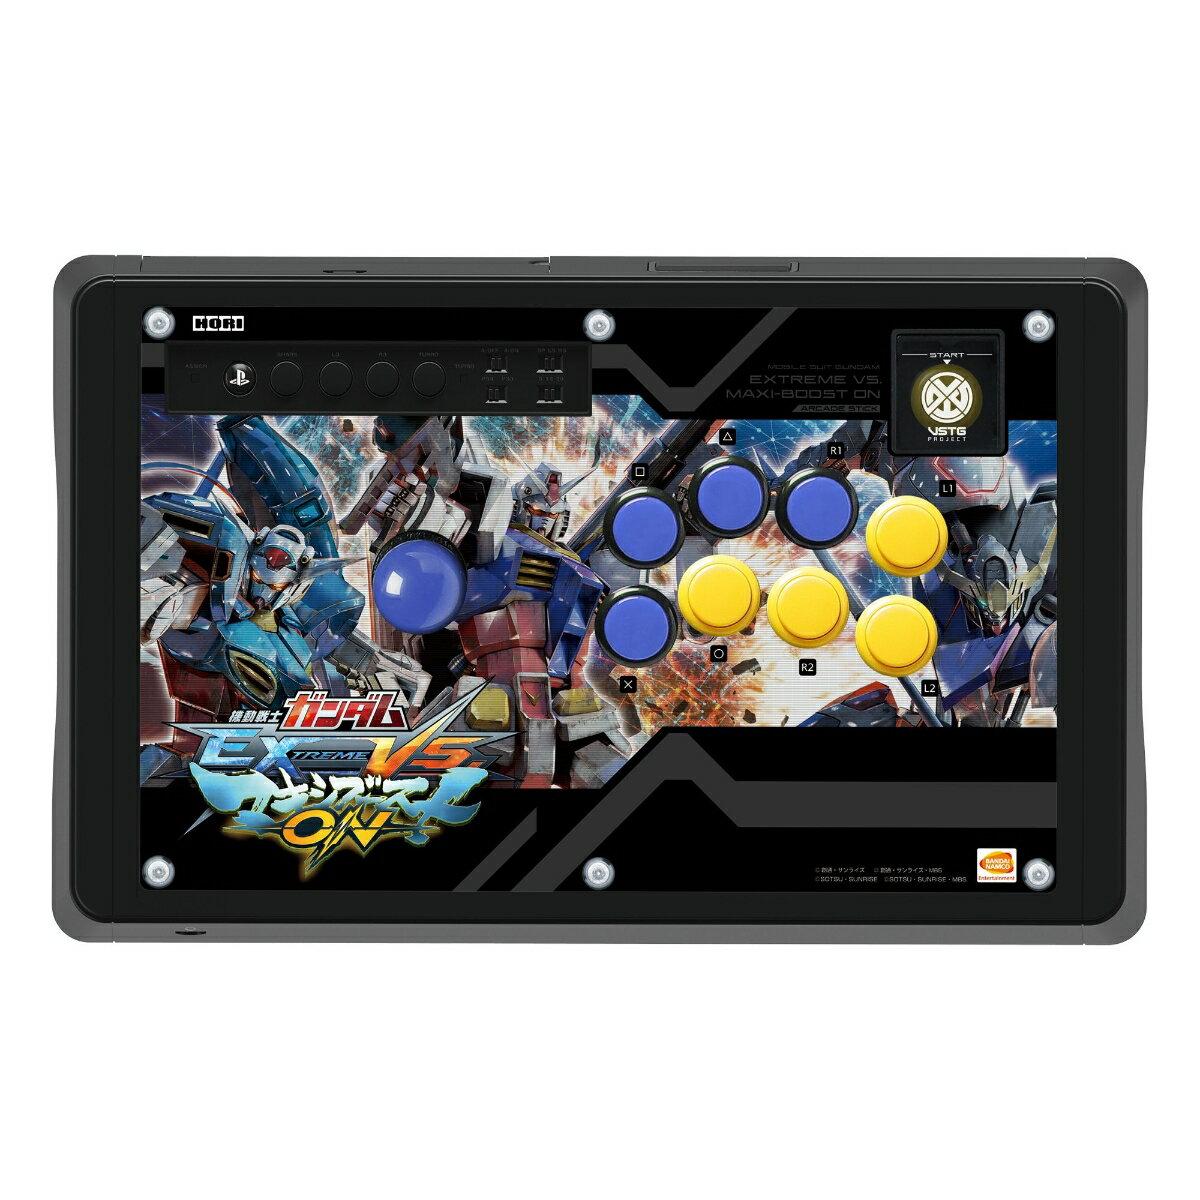 機動戦士ガンダムEXTREME VS.マキシブーストON Arcade stick for PlayStation4